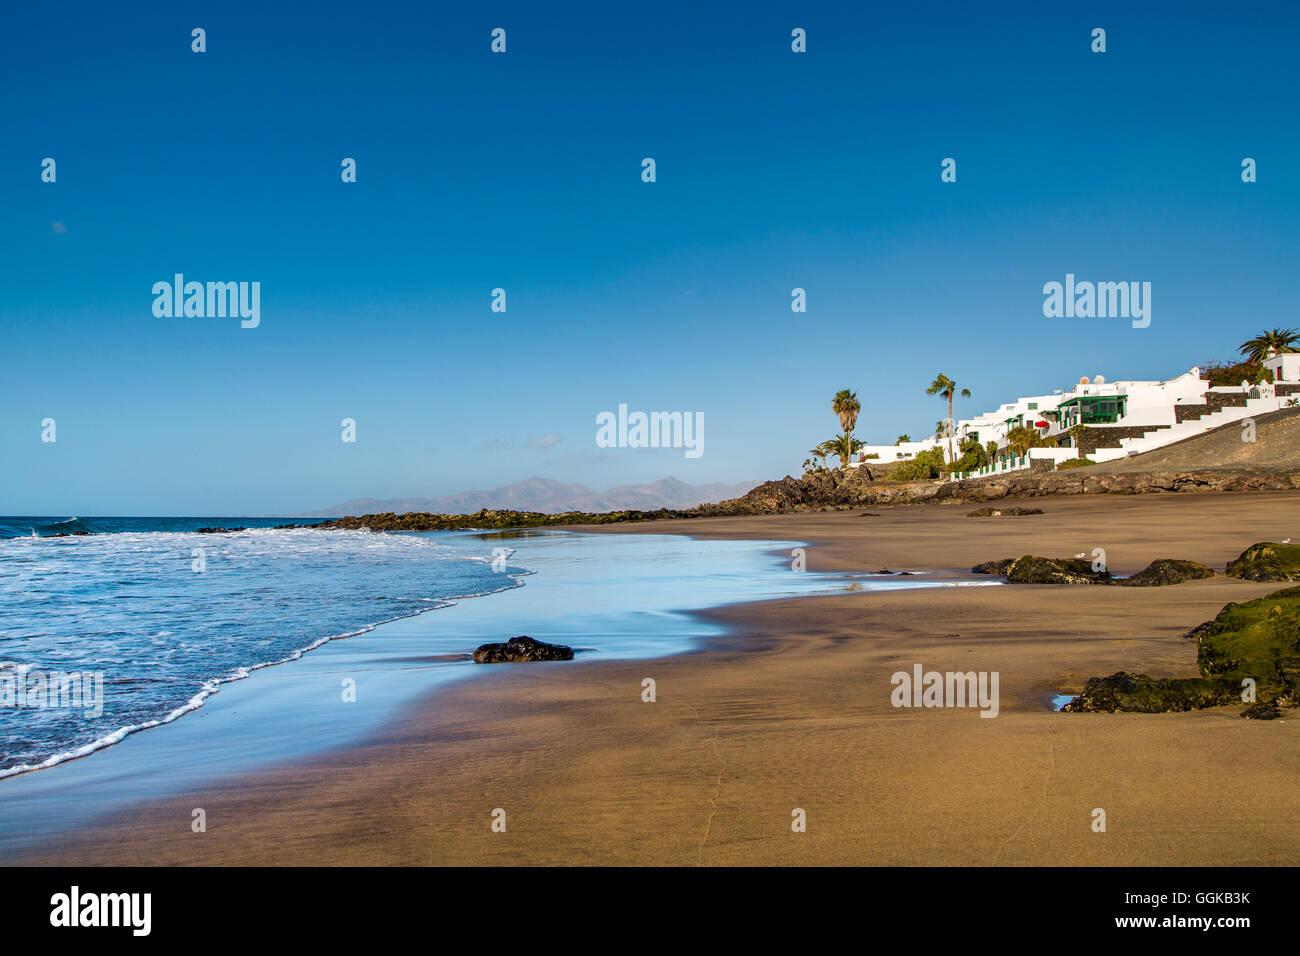 Plage de Playa del Barranquillo, Puerto del Carmen, Lanzarote, îles Canaries, Espagne Banque D'Images